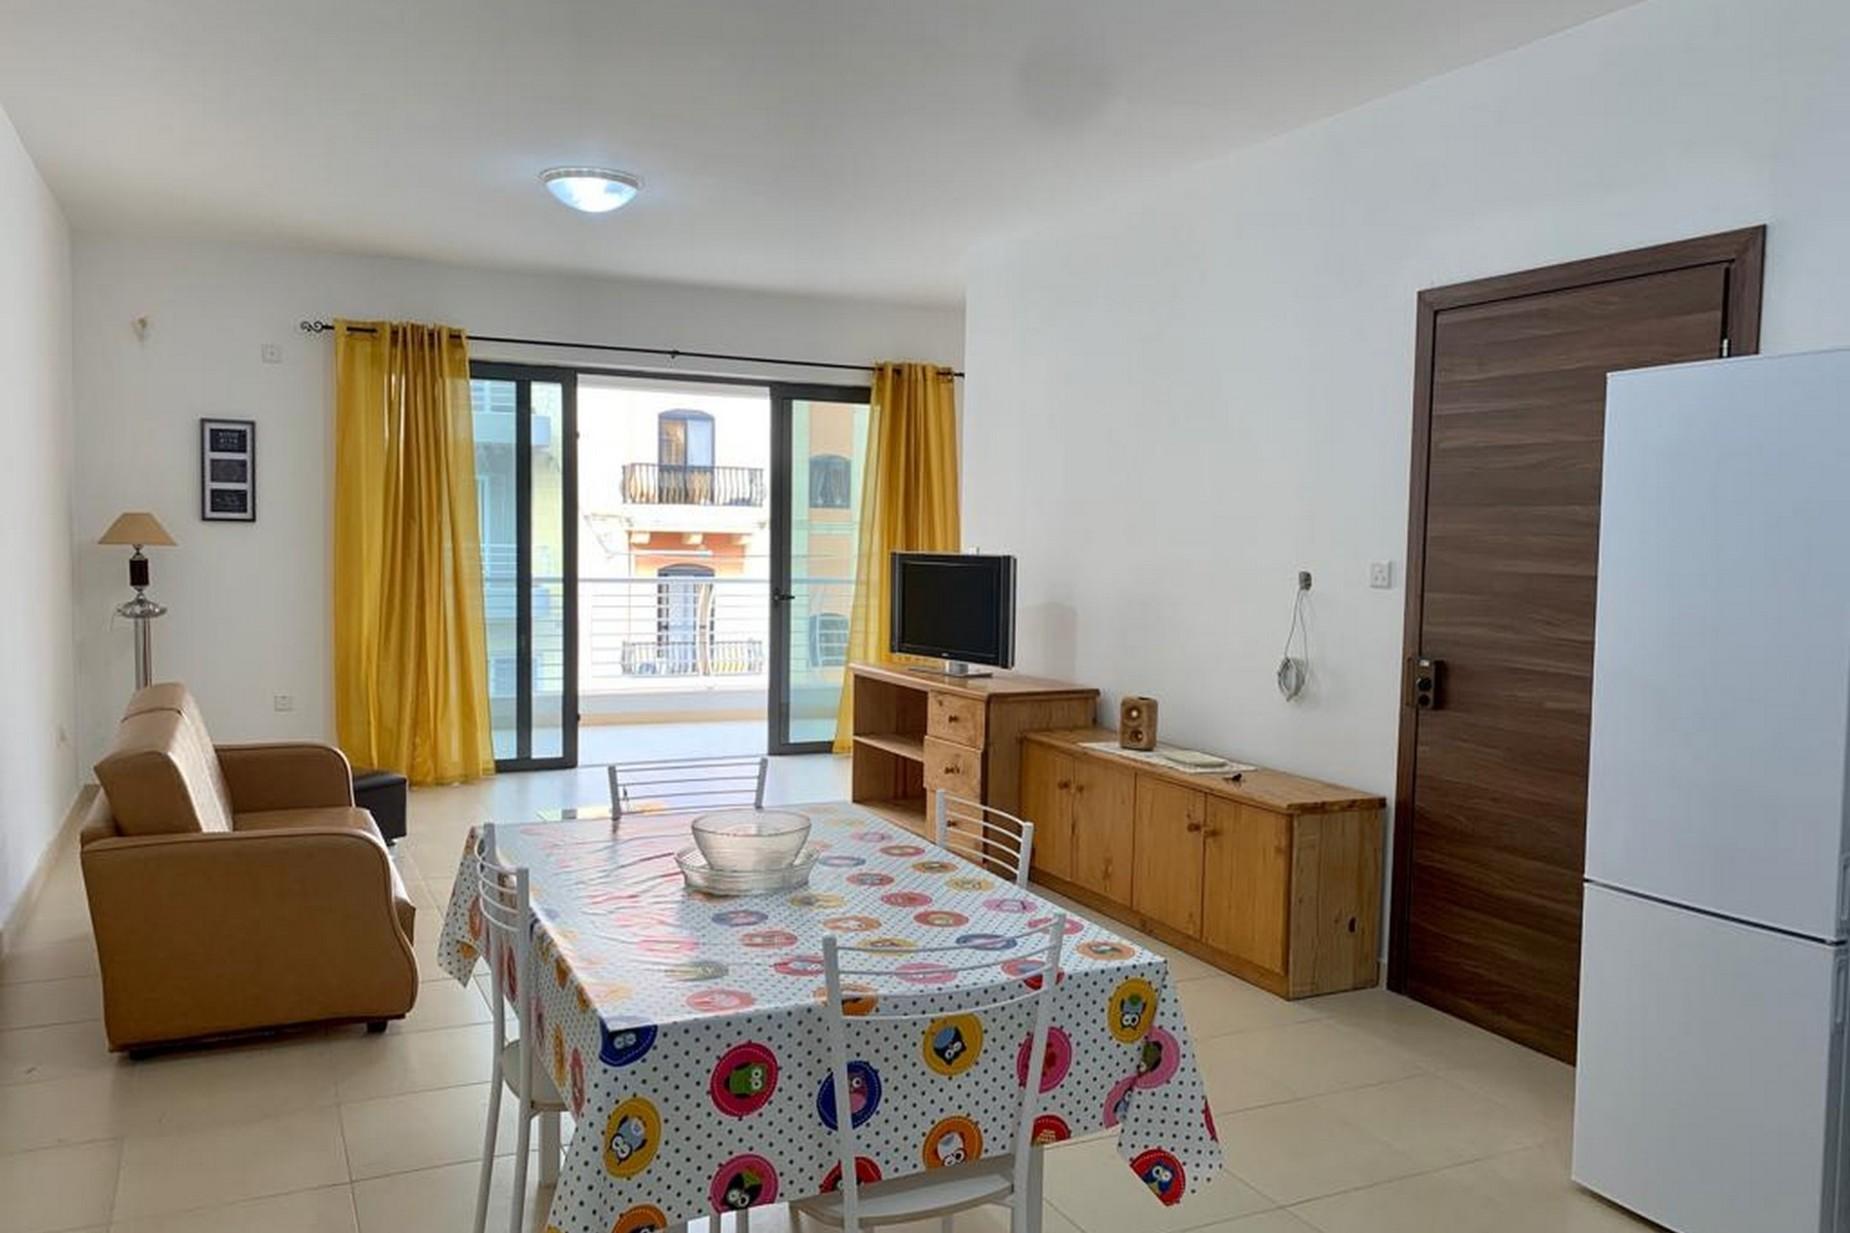 3 bed Apartment For Rent in Qormi, Qormi - thumb 2